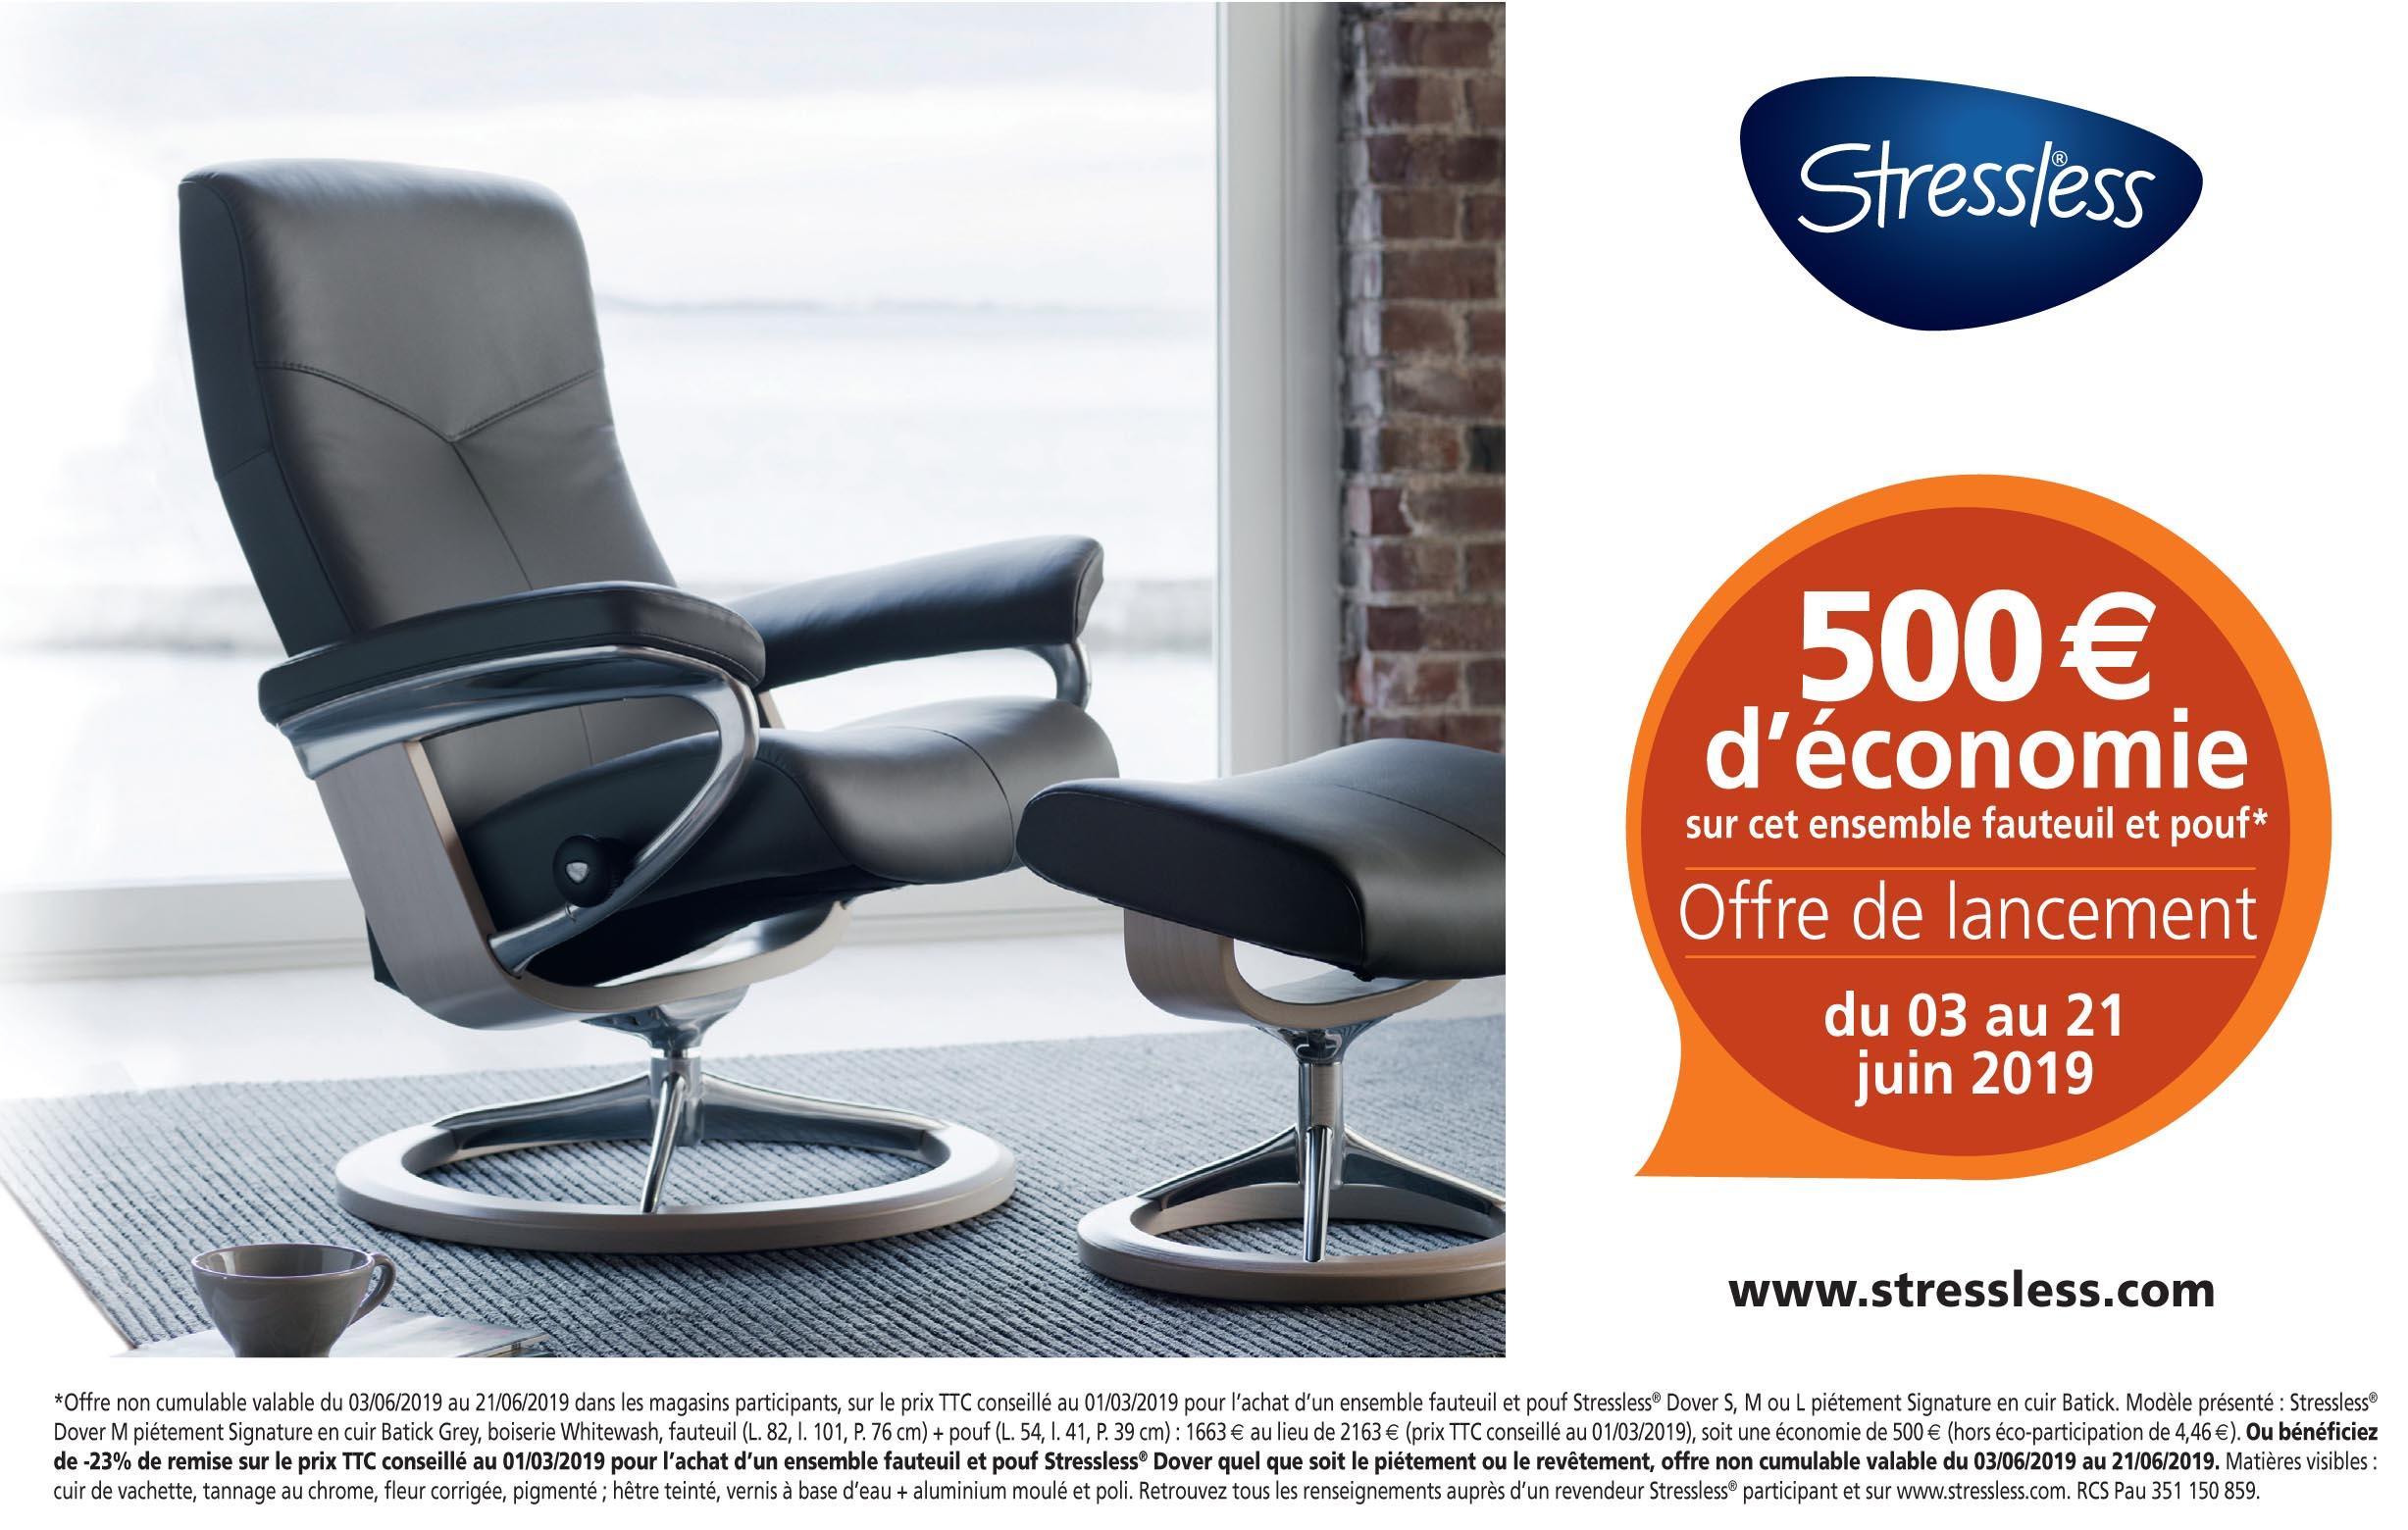 Stressless, Offre de lancement 500€ d'économie sur un ensemble fauteuil et pouf Dover S, M ou L piétement Signature en cuir Batick